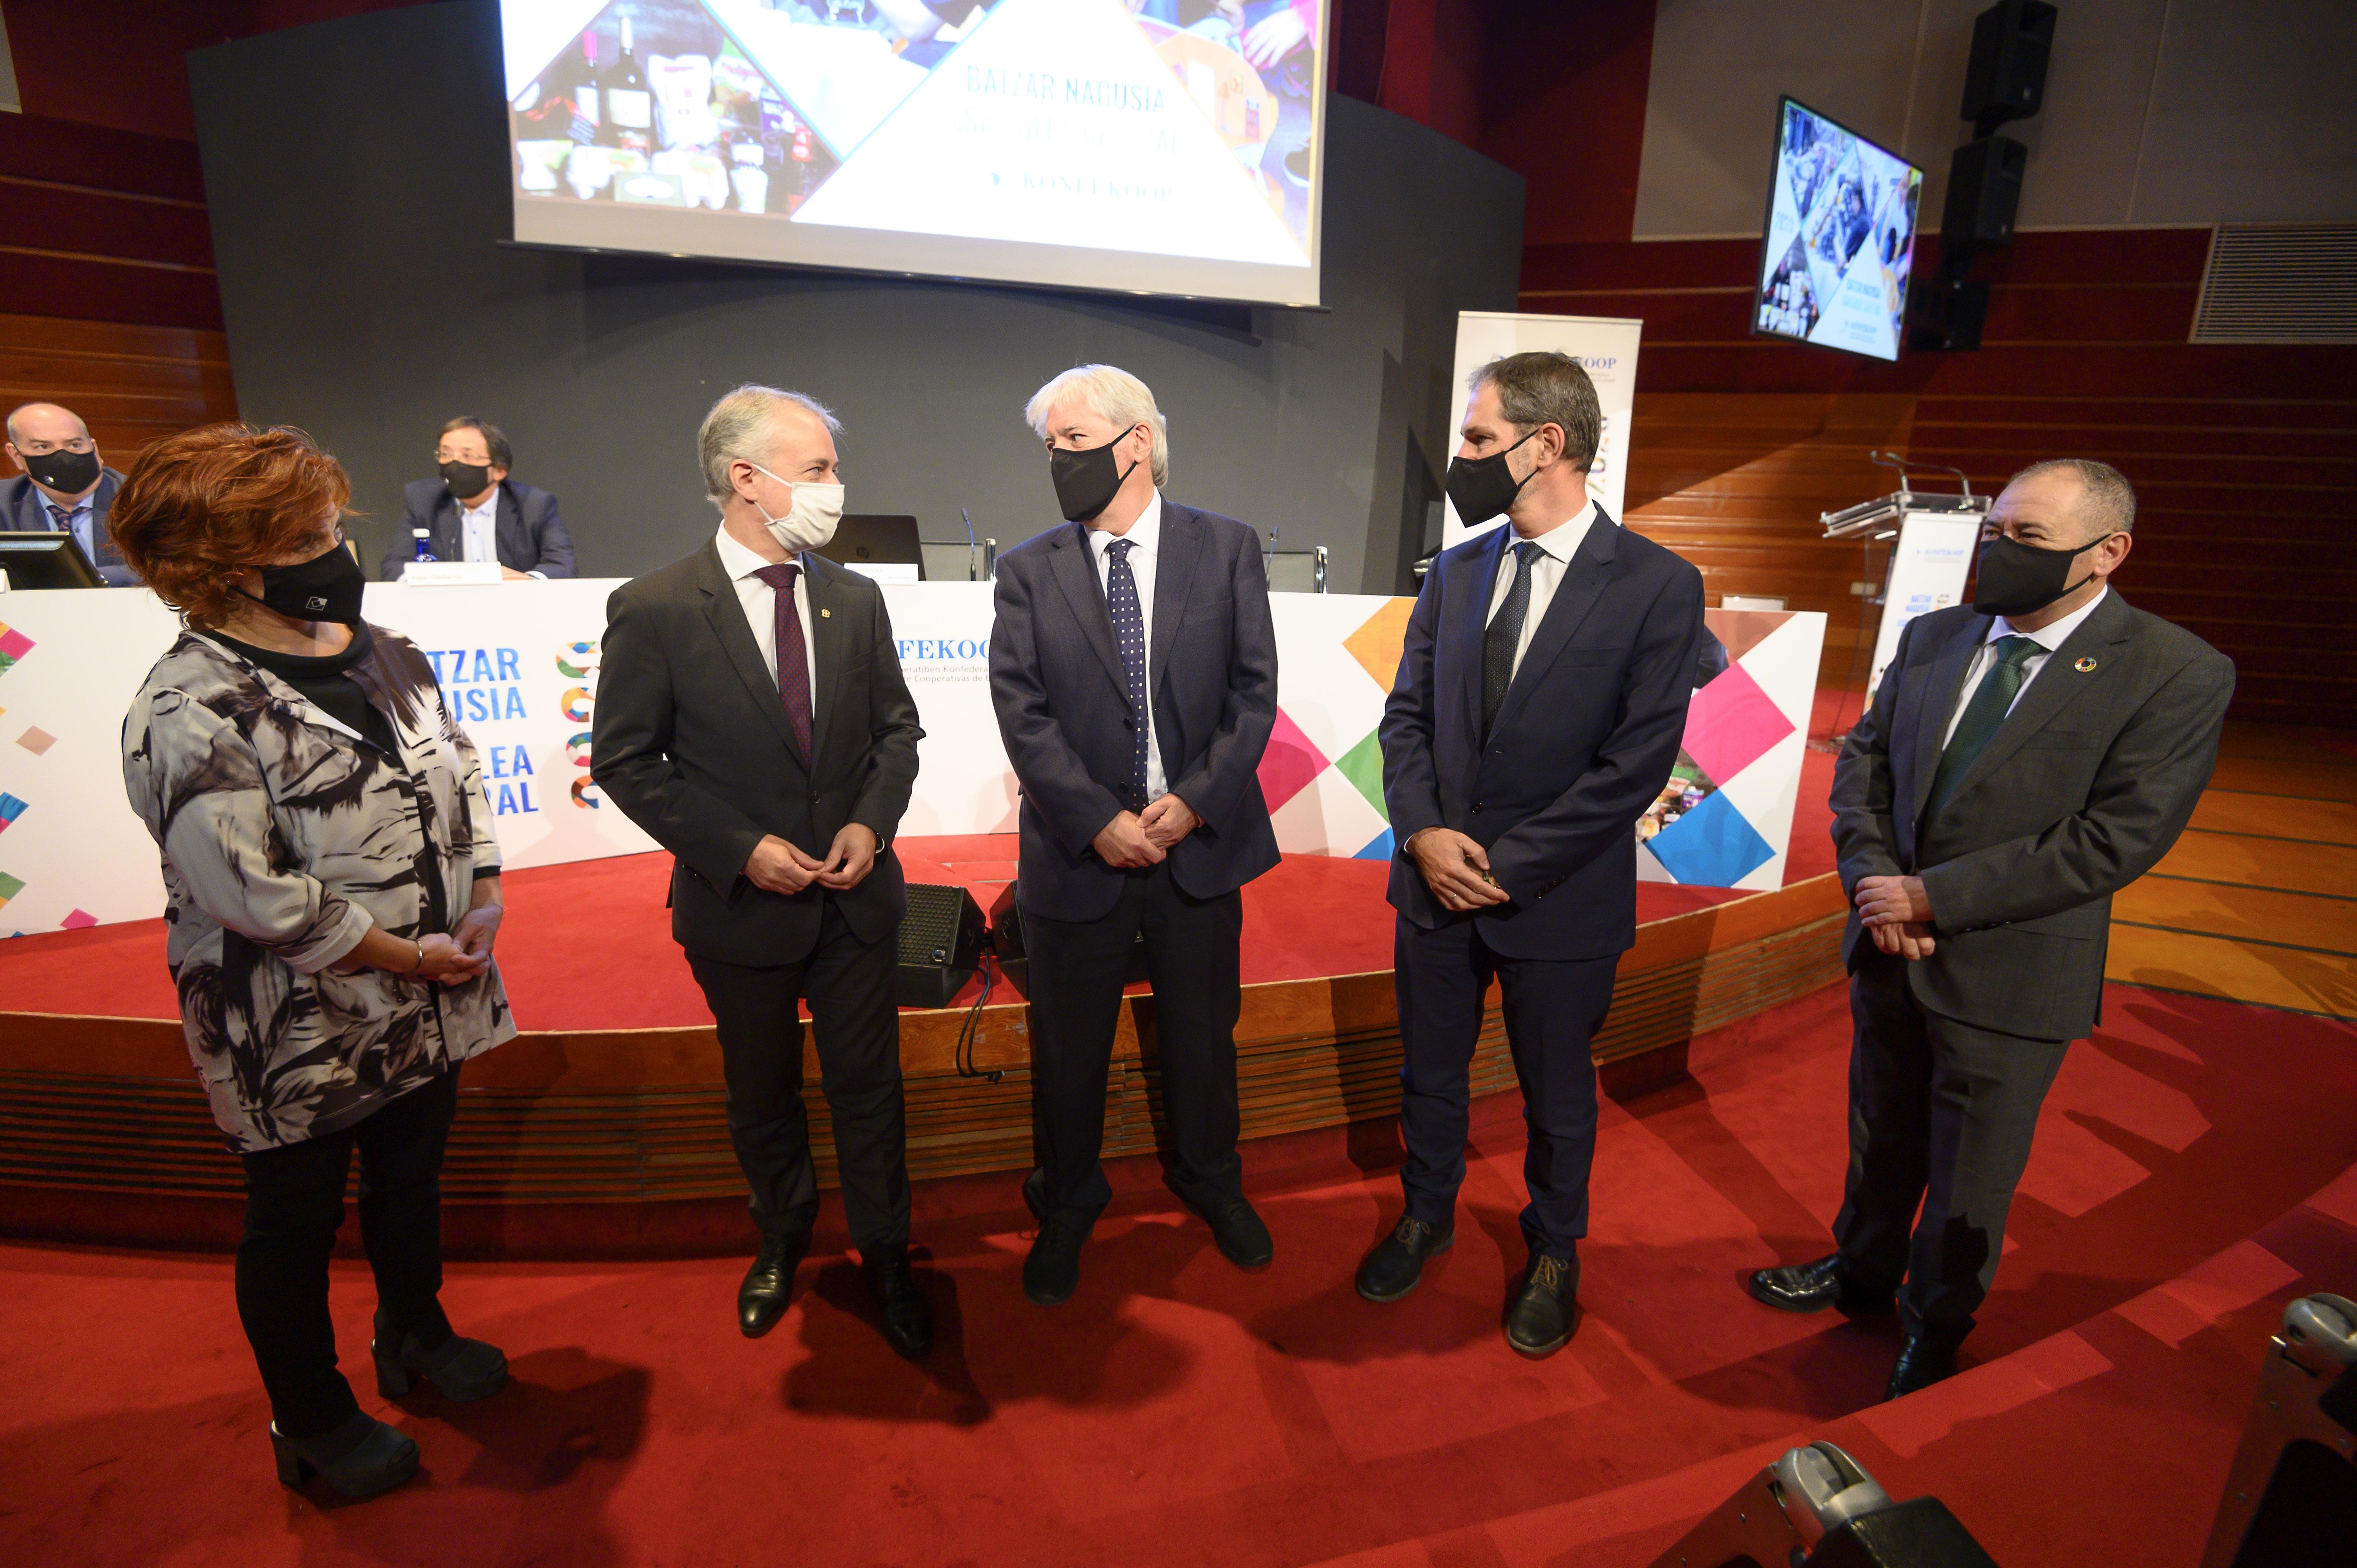 """Lehendakari: """"Euskadi enfoca el futuro con previsión y colaboración, siempre con la persona en el centro de nuestra actividad pública"""" [0:00]"""